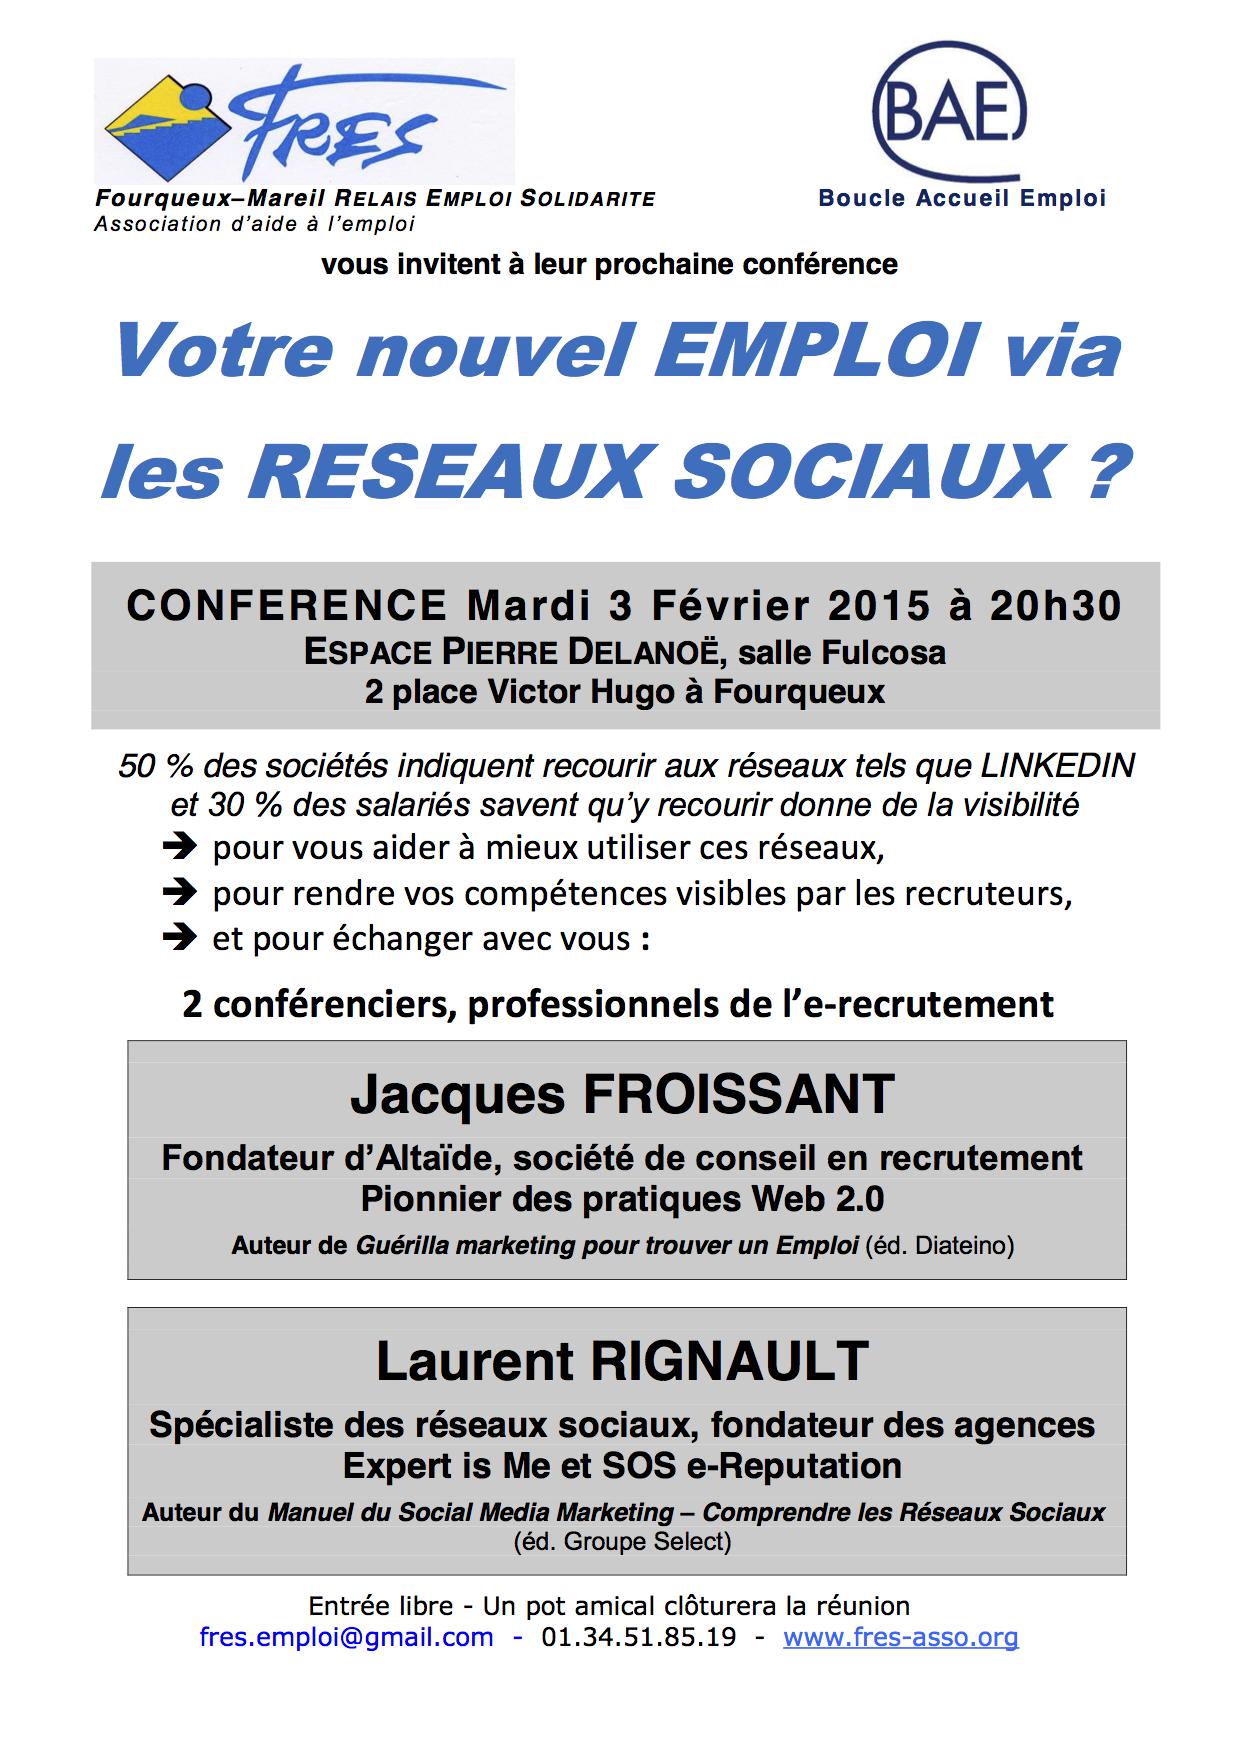 Retrouvez Laurent Rignault, CEO et fondateur d'EXPERT is Me, à la conférence FRES sur les Réseaux sociaux